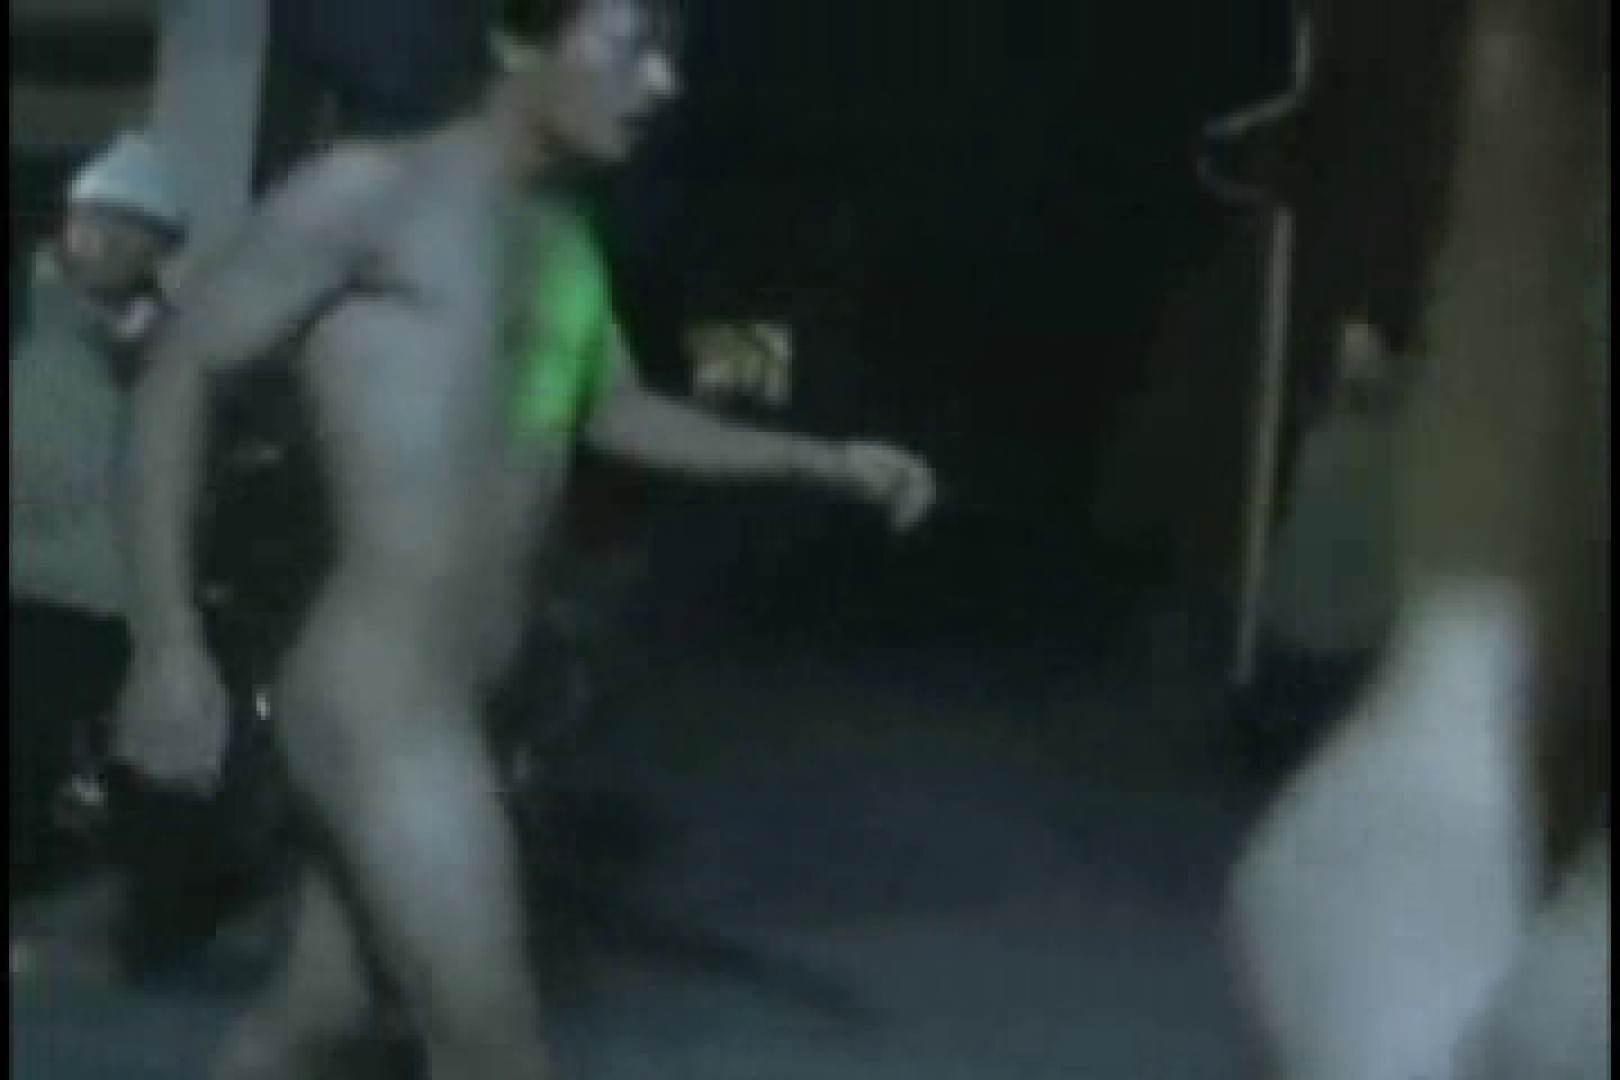 陰間茶屋 男児祭り VOL.3 裸  104pic 26